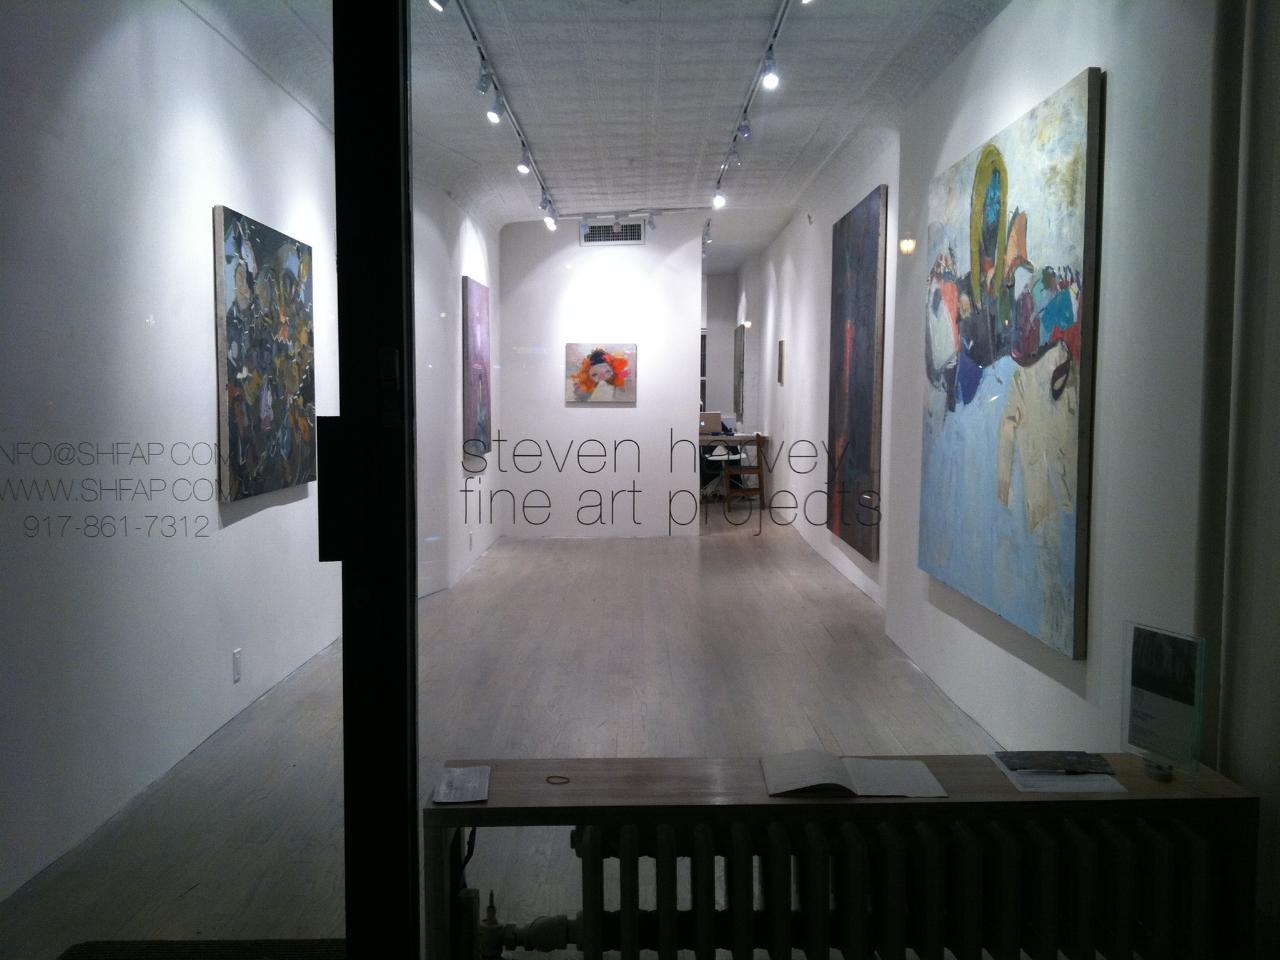 New Work , 2012 Steven Harvey Fine Art Projects, NY, NY